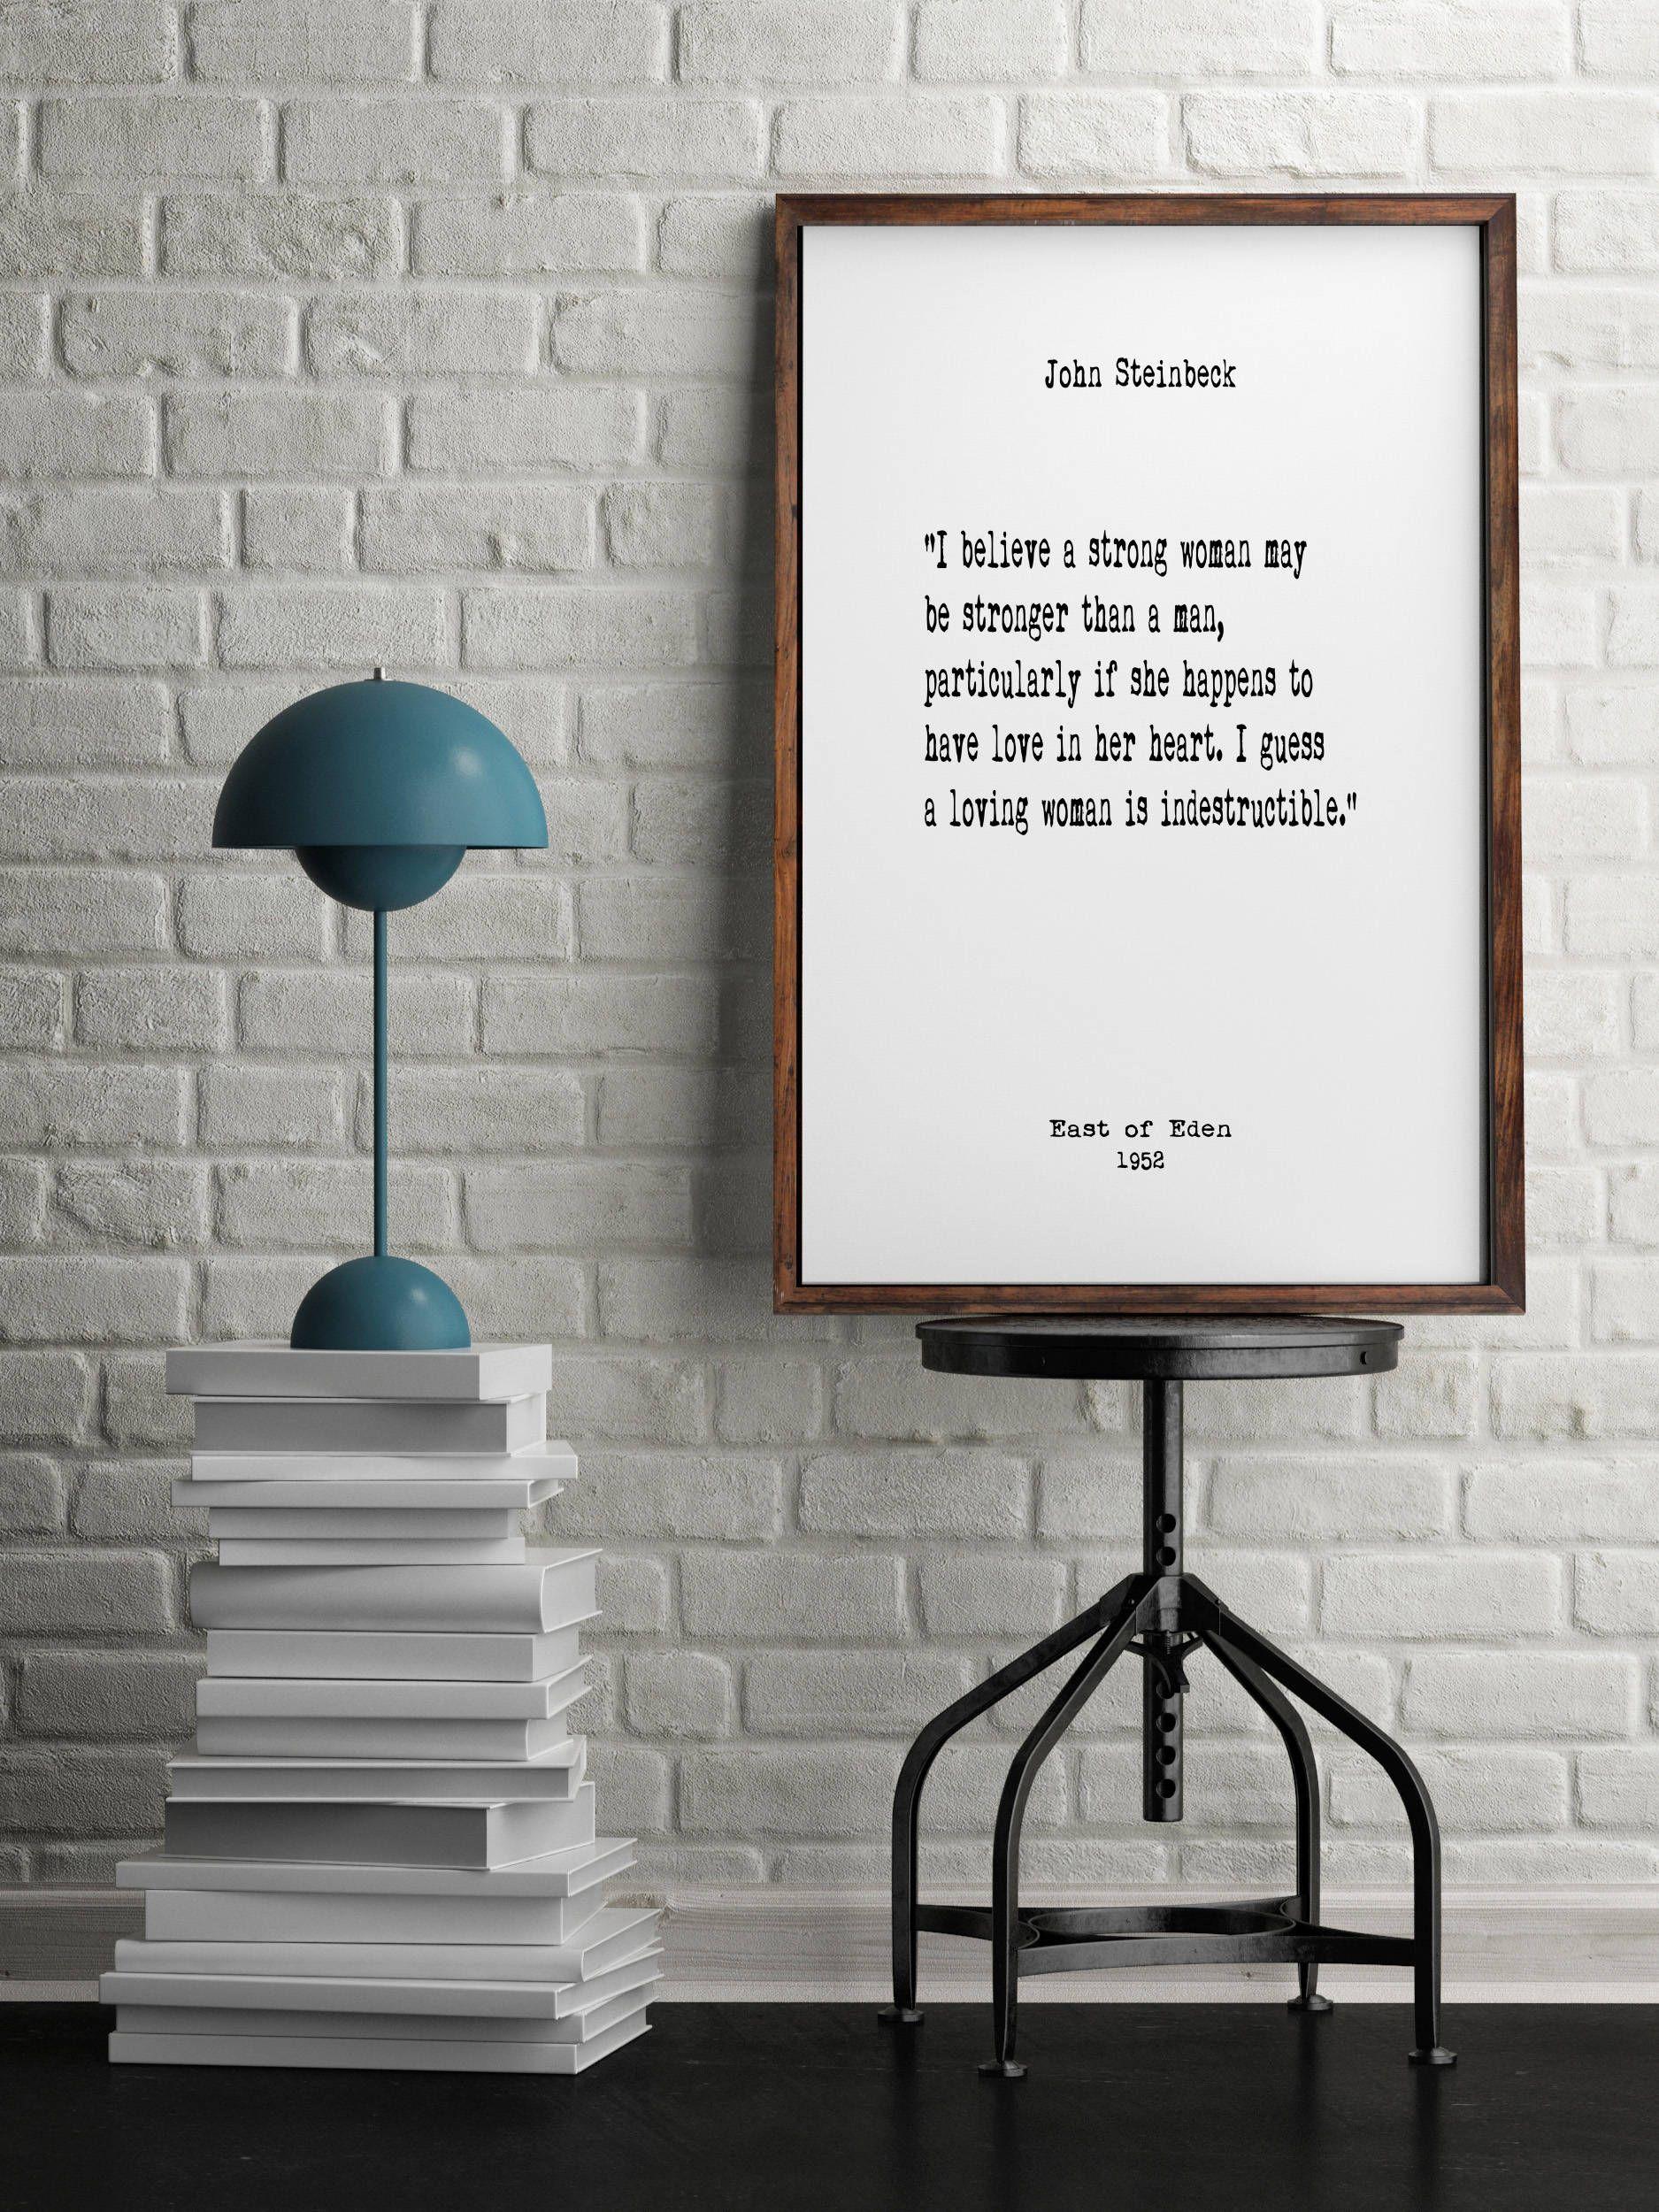 John Steinbeck, Strong Women, Book Quotes, Wall Art, Inspiring ...